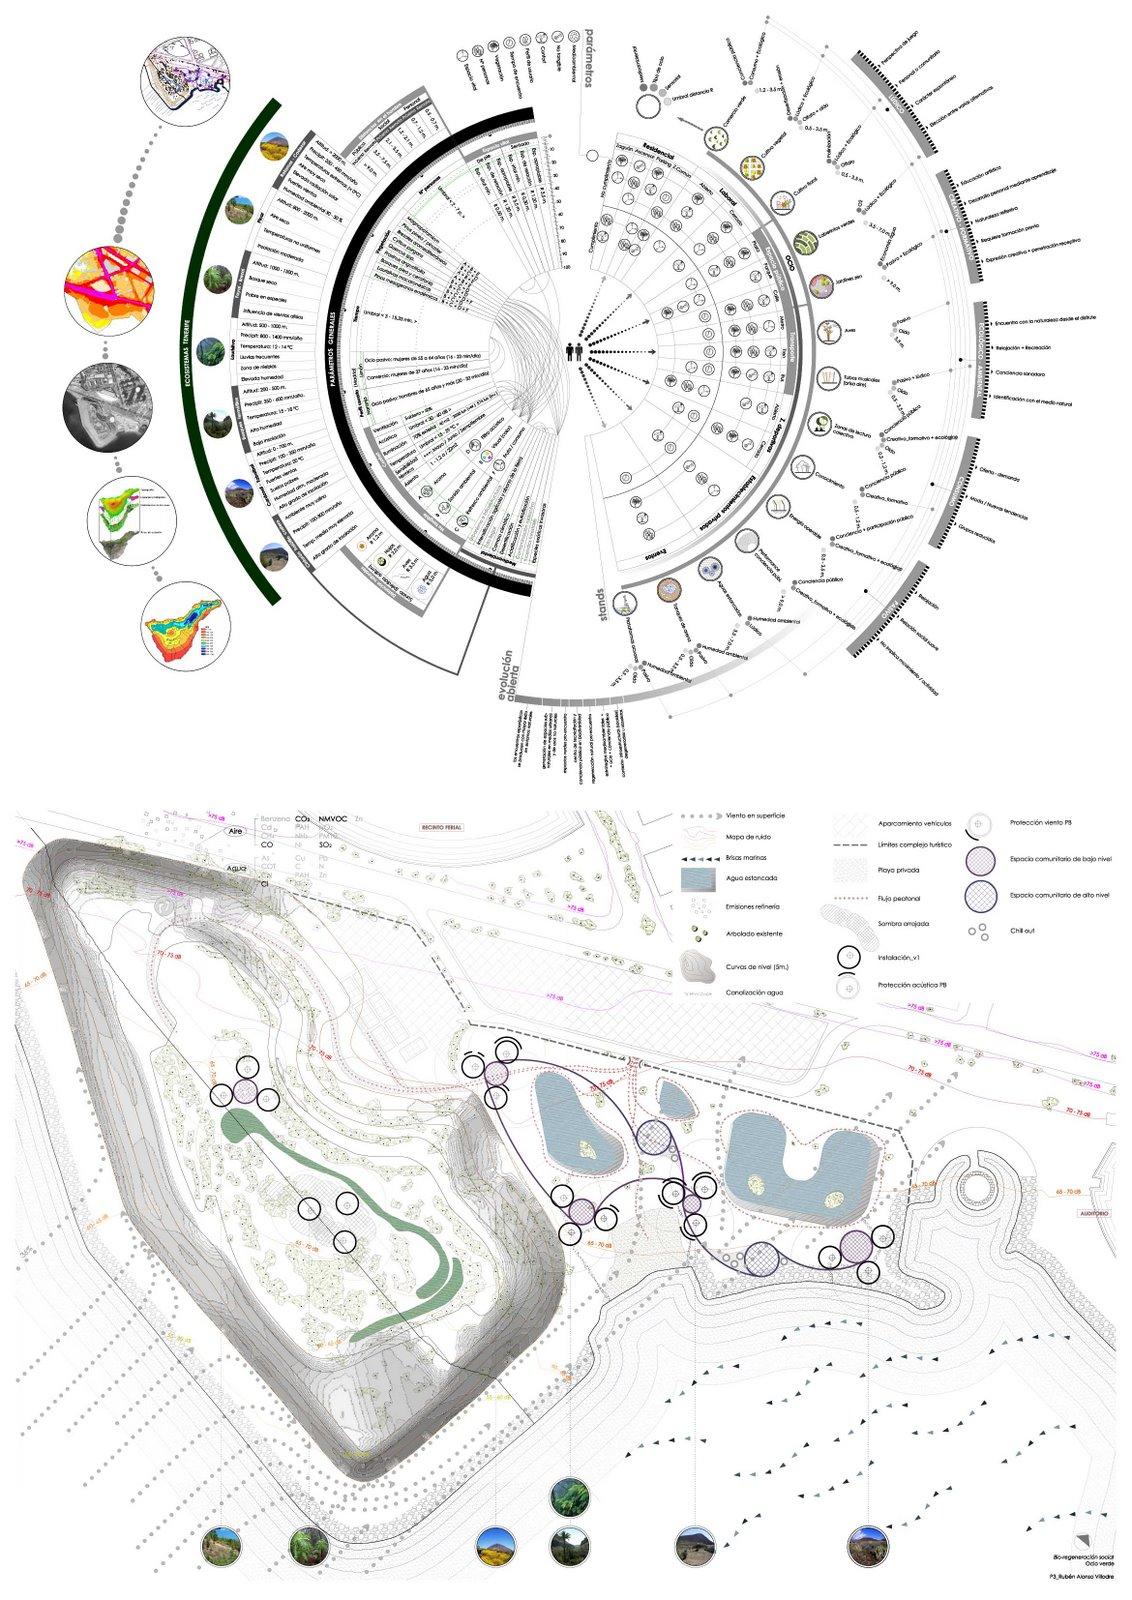 El Proyecto Residencial De La Ciudad Proyecto Concepto Investigaci 211 N Taller Bernardo